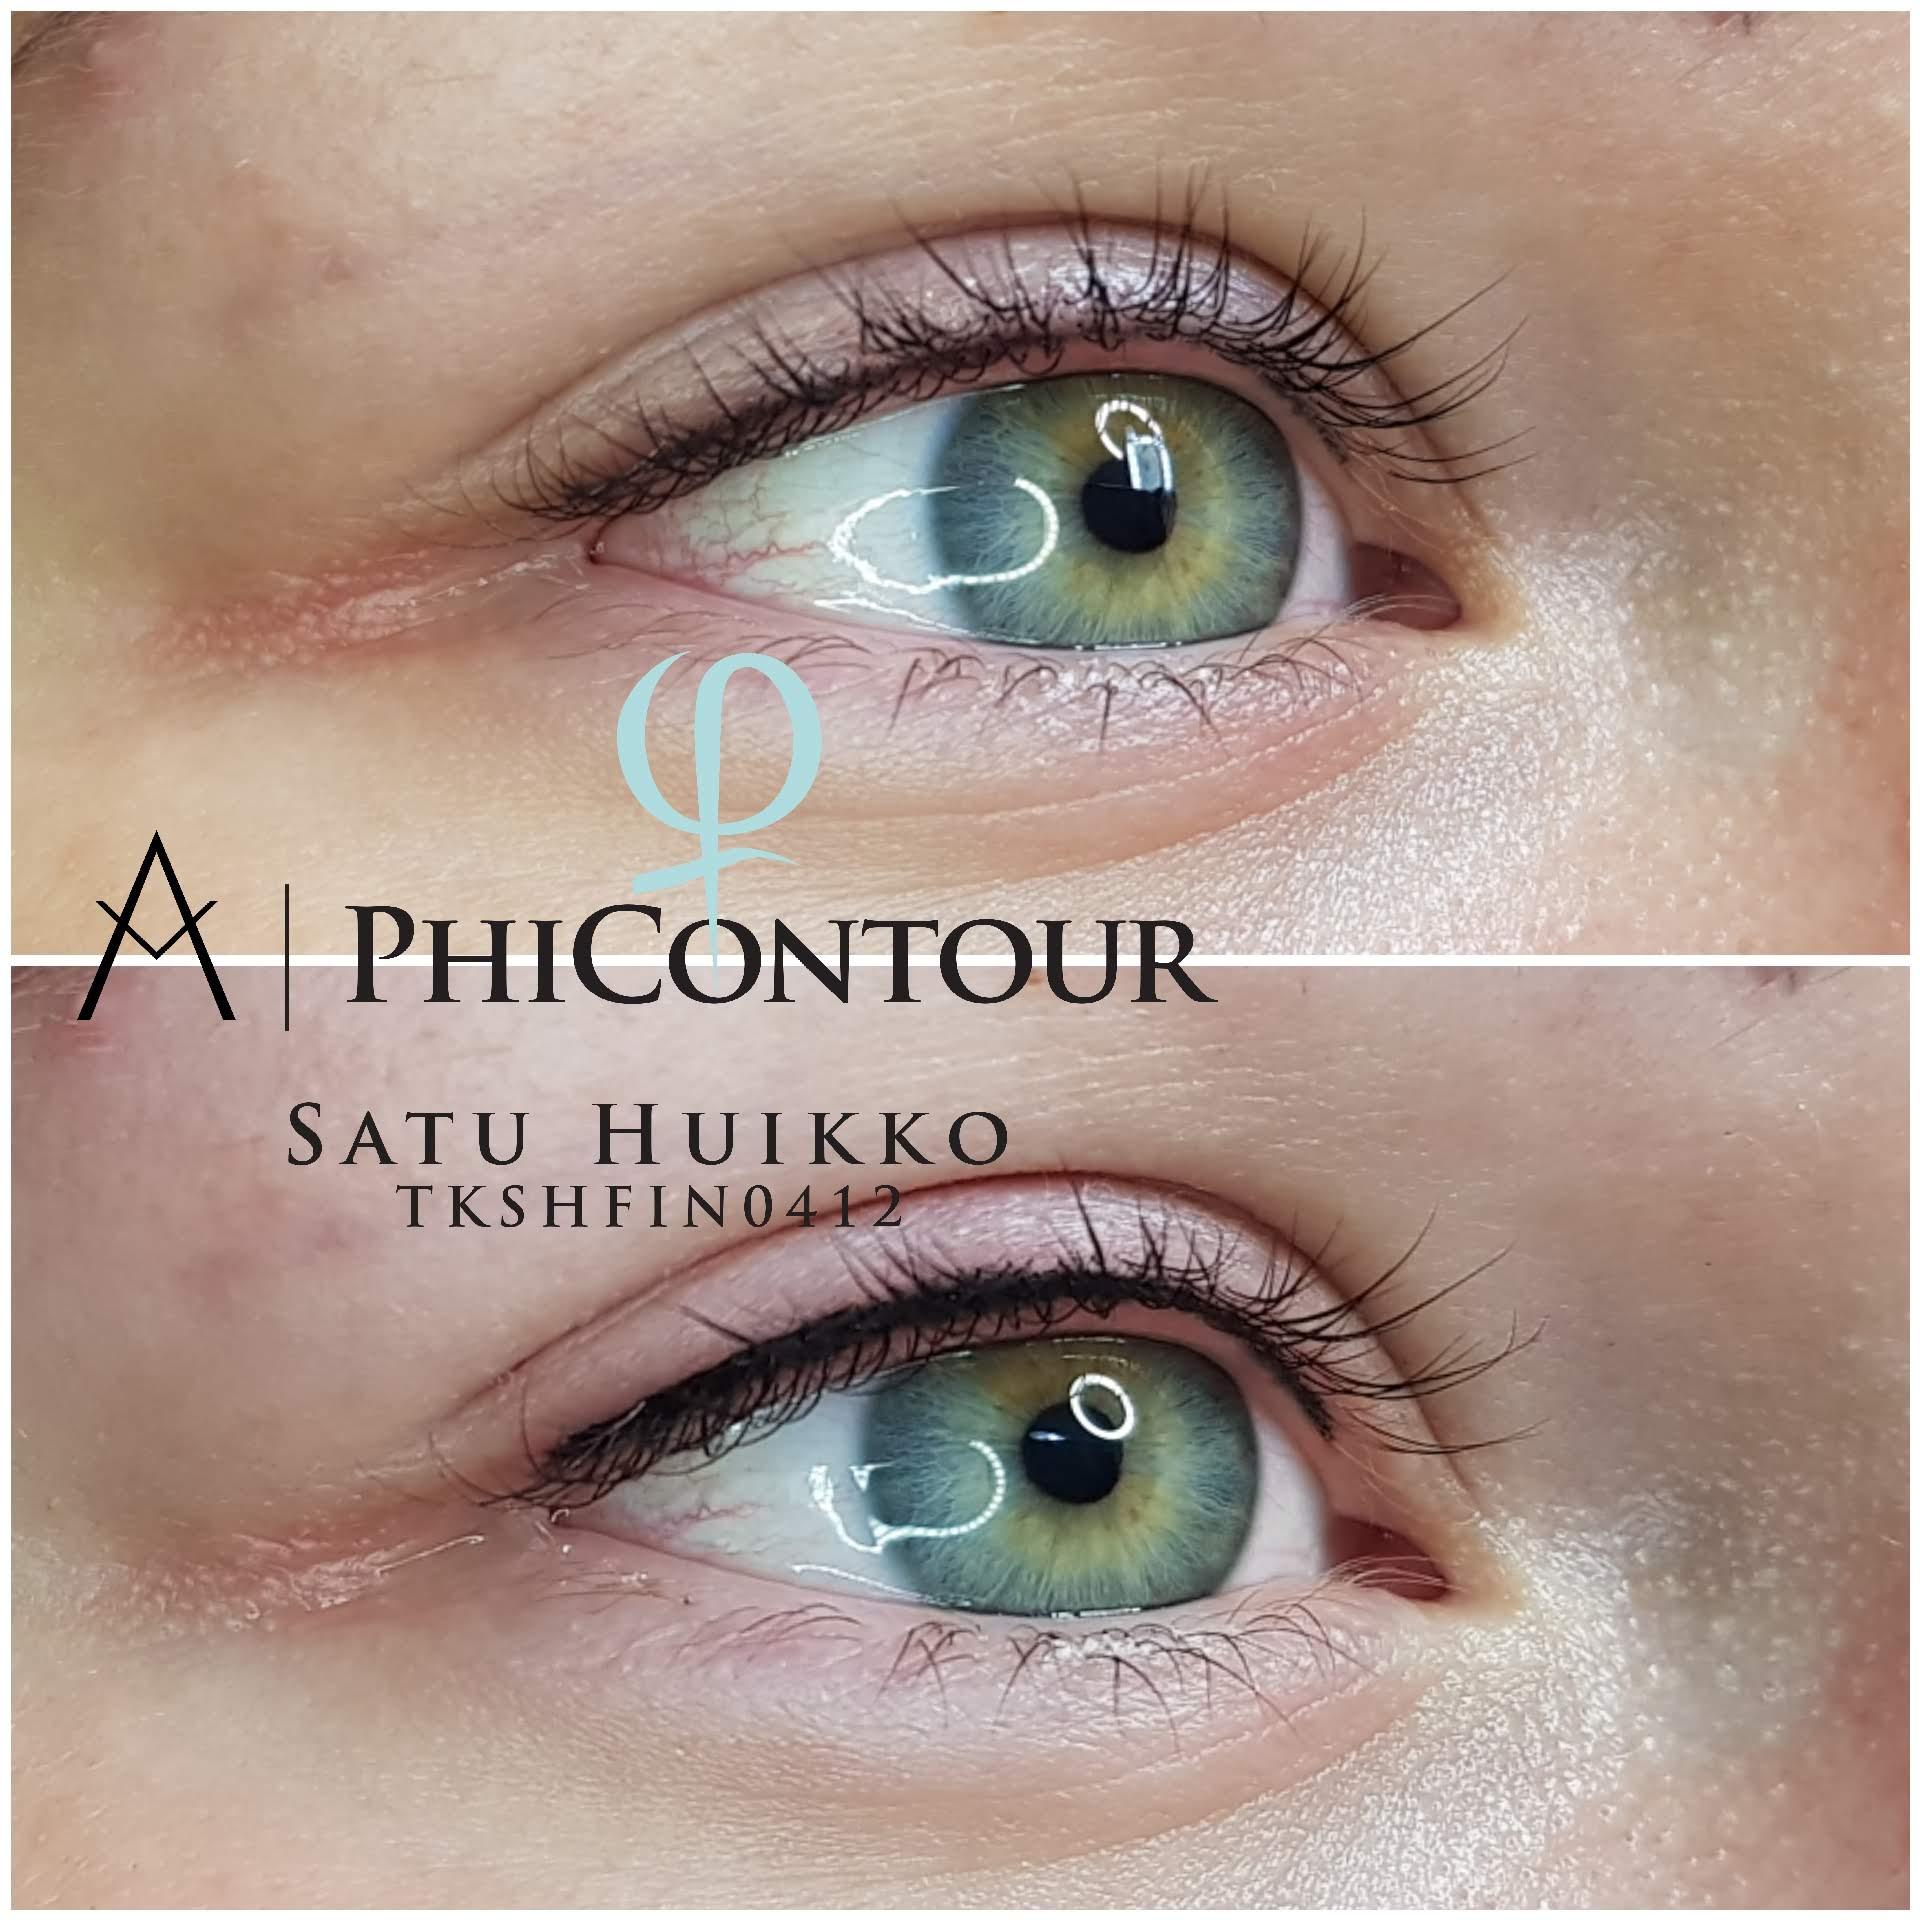 Silmänrajauspigmentointi yläluomella ennen jälkipigmentointia ja heti jälkipigmentoinnin jälkeen.  Luonnollinen eyeliner pigmentointi korostaa kauniisti silmän muotoa myös heti käsittelyn jälkeen. Mitä paksumpi rajaus tehdään, sitä enemmän silmäluomi yleensä turpoaa.